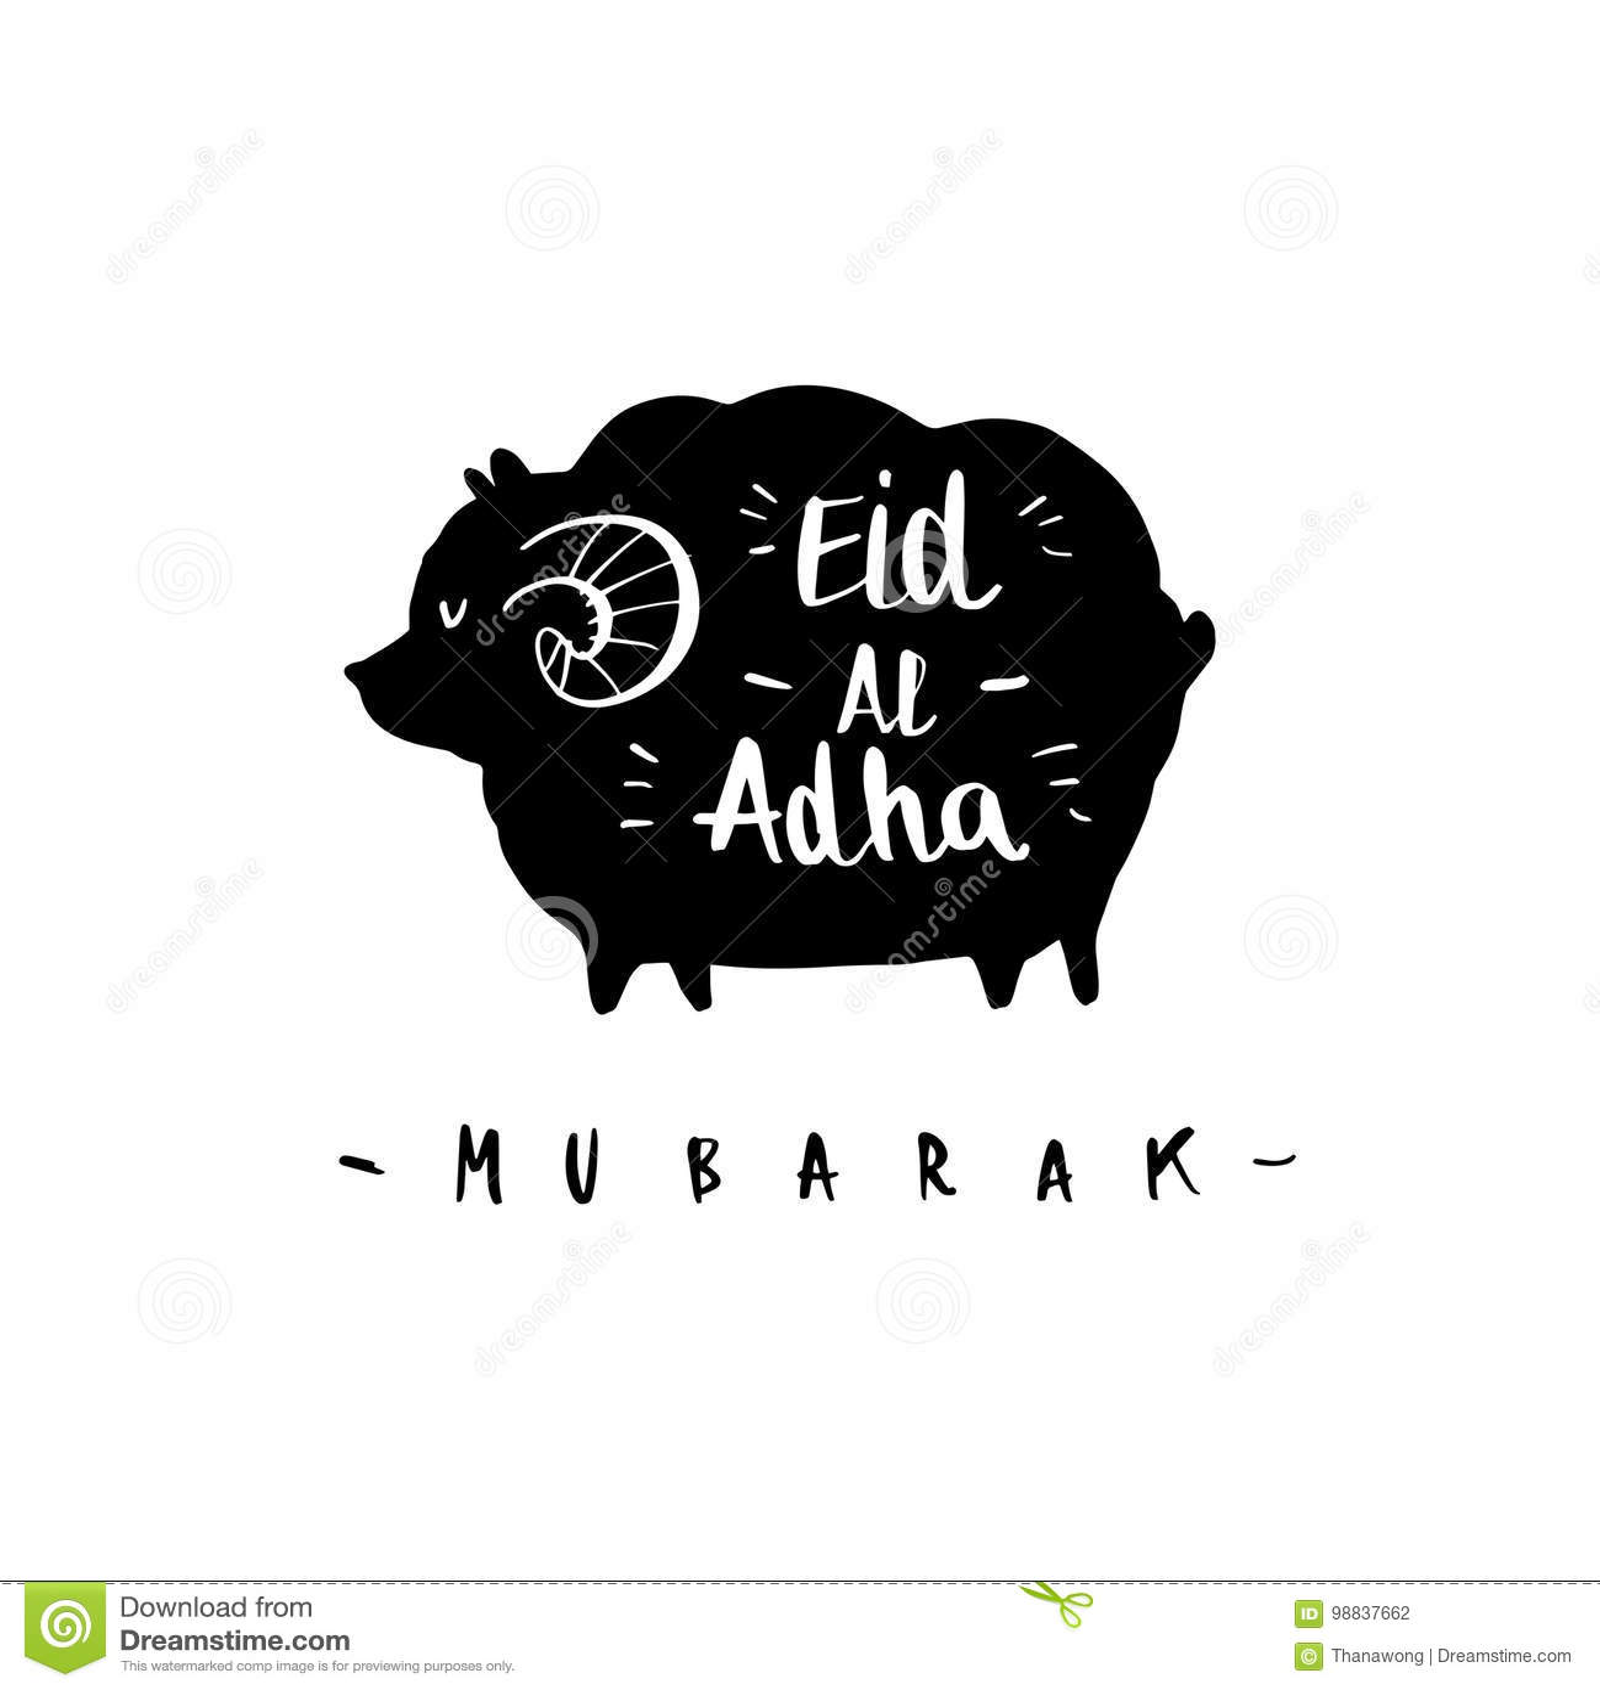 Muslim Community Festival Of Sacrifice Eid Ul Adha Greeting Card